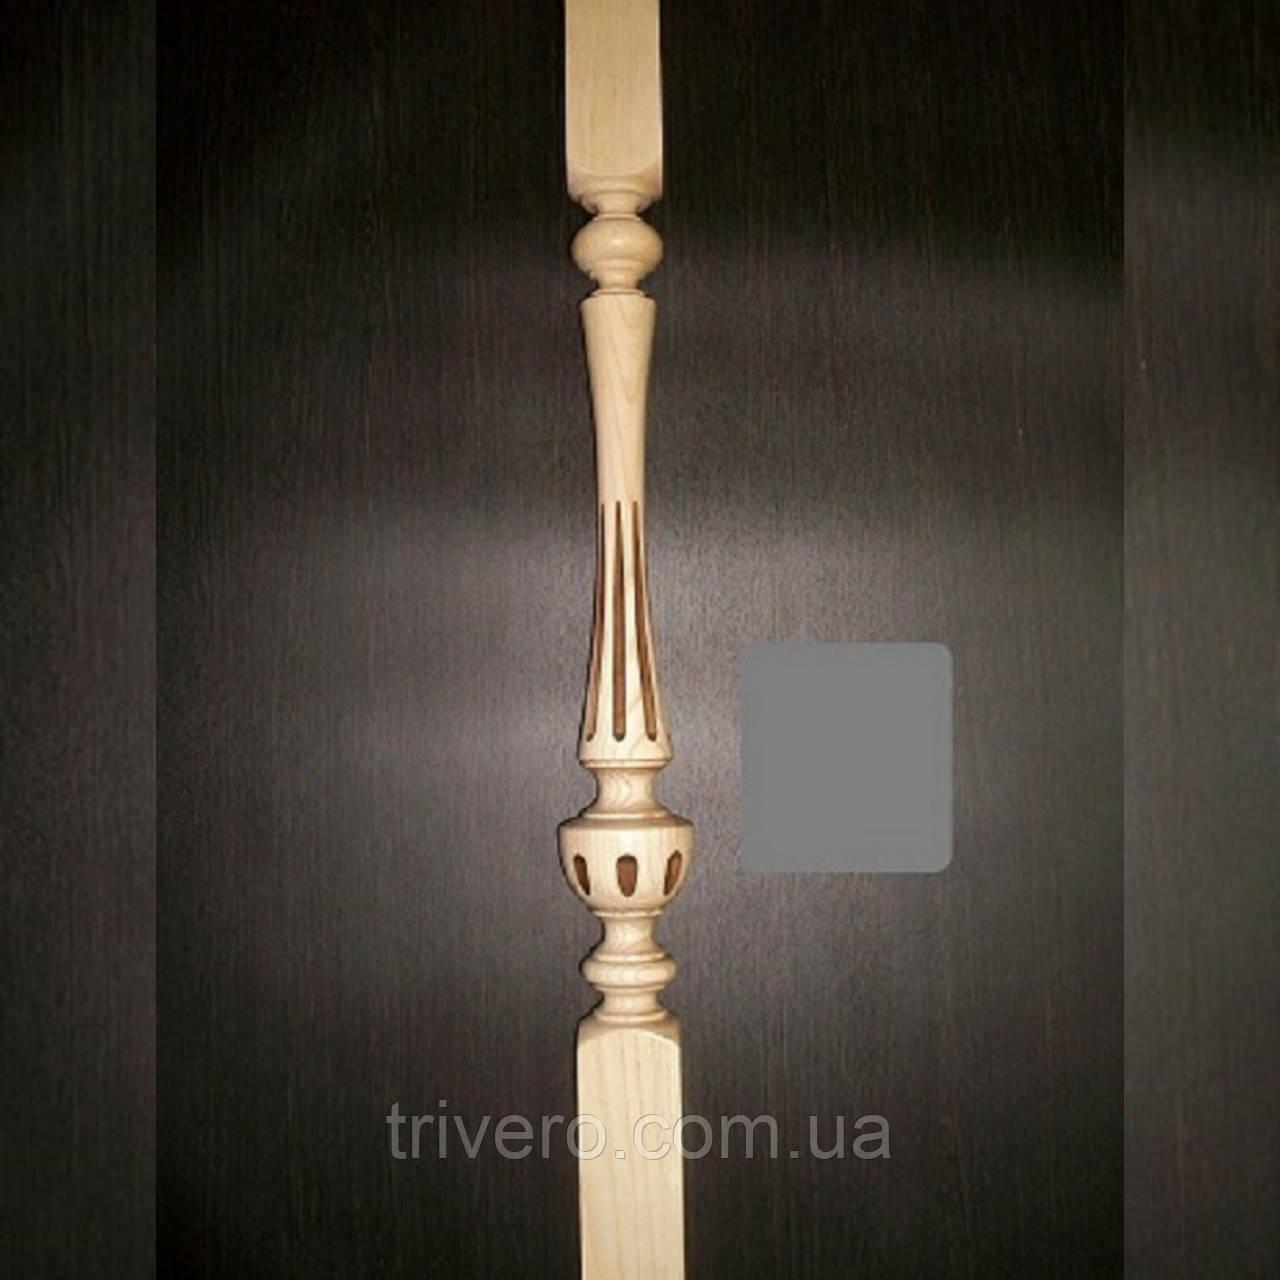 Балясина деревянная  с канонюрами L-1701